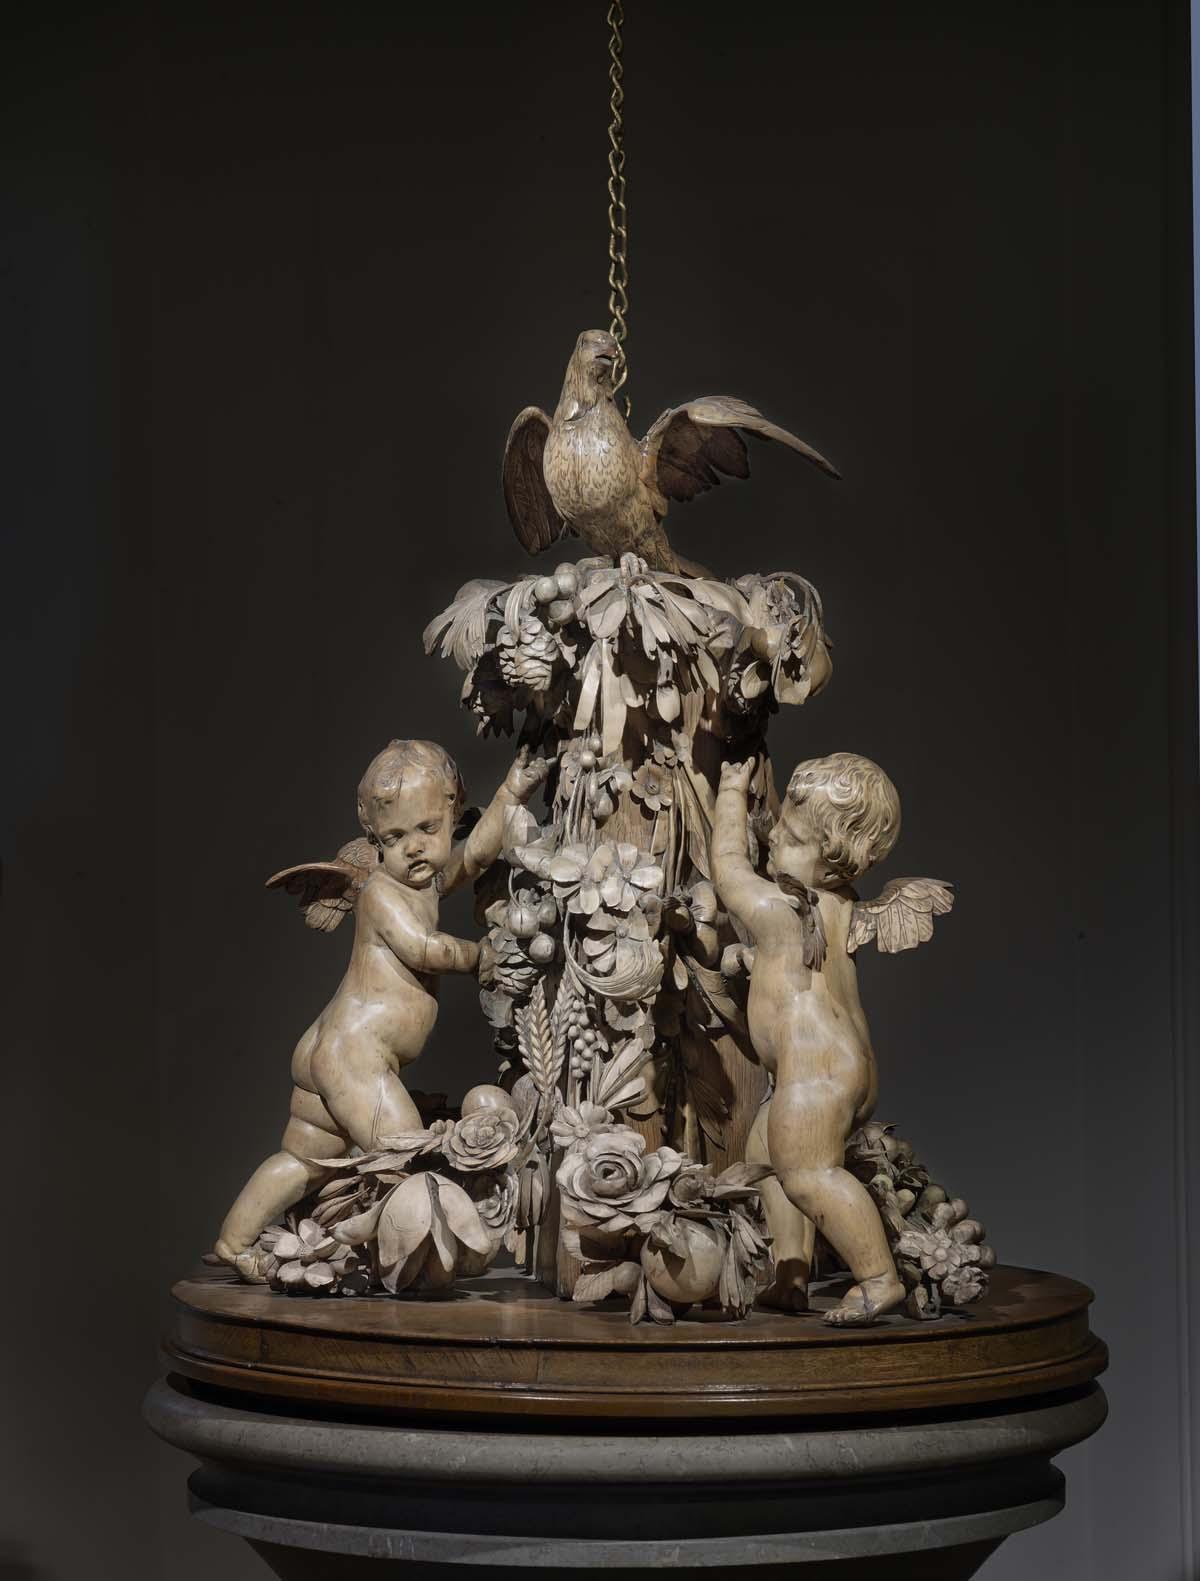 an ornate wooden sculpture of cherubs and flowers and a bird